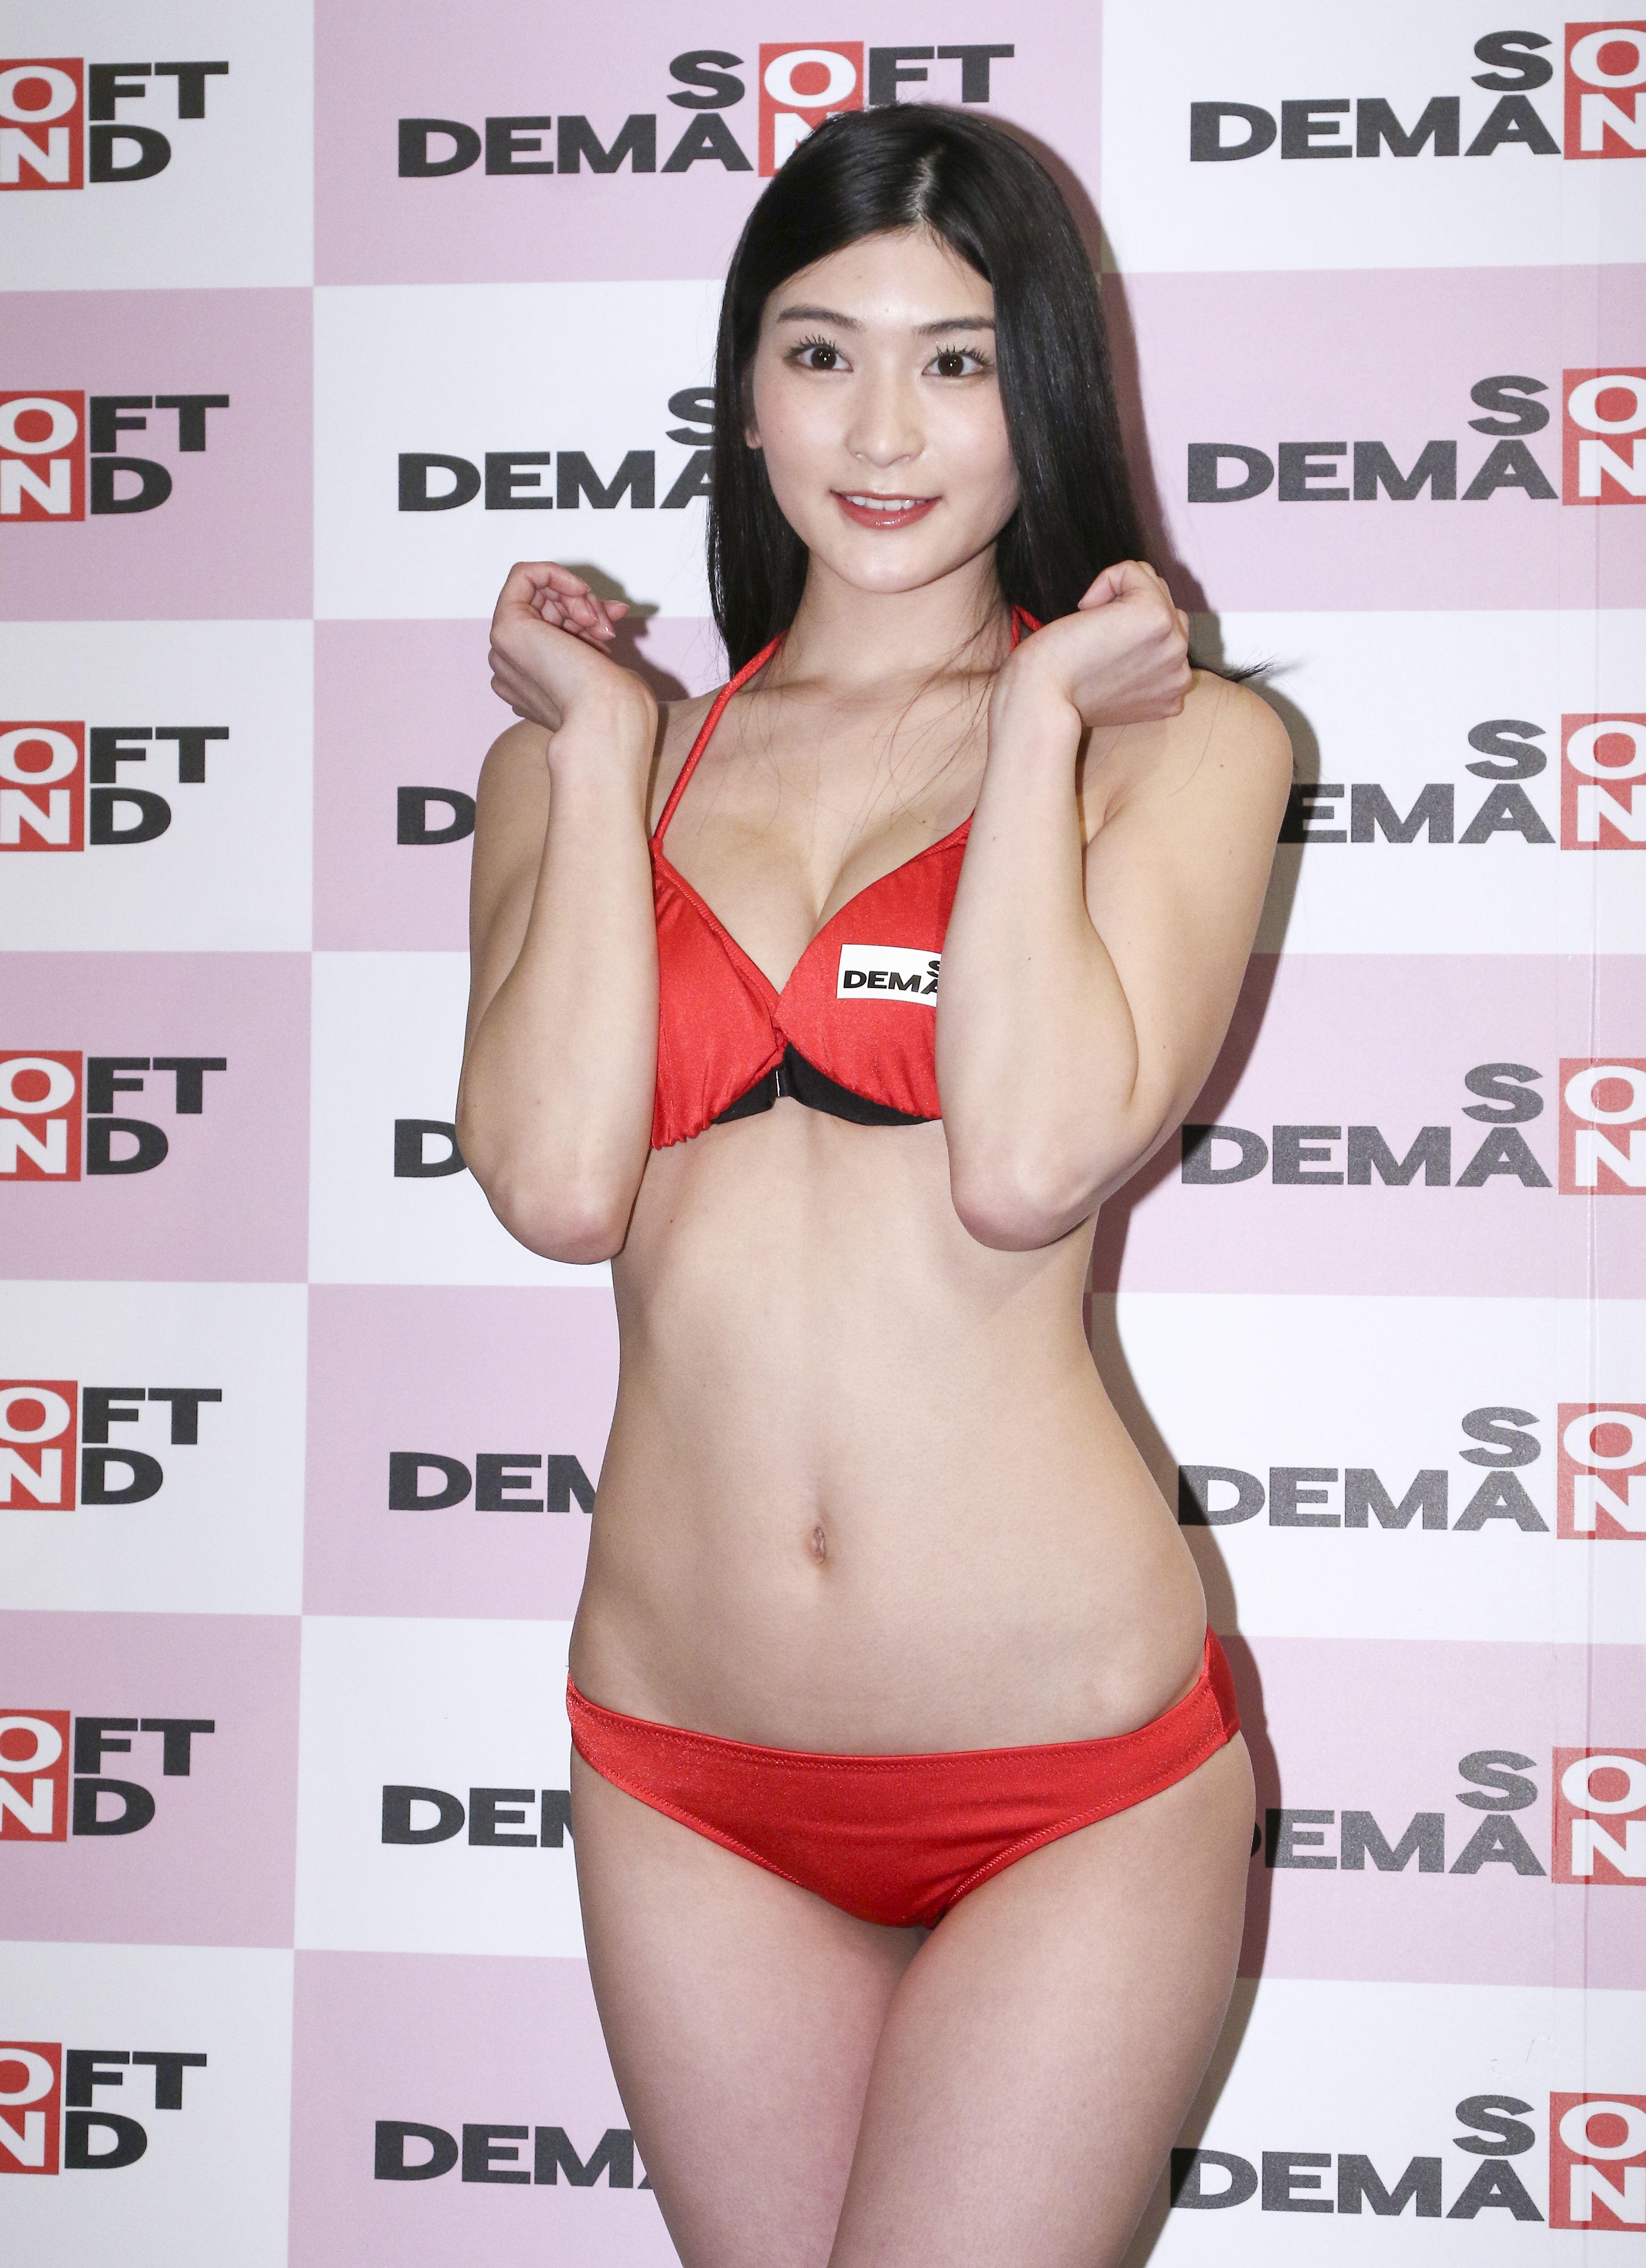 日本SOD人氣新人AV女優本庄鈴現身台北宣傳新片發布會(記者林士傑/攝影)